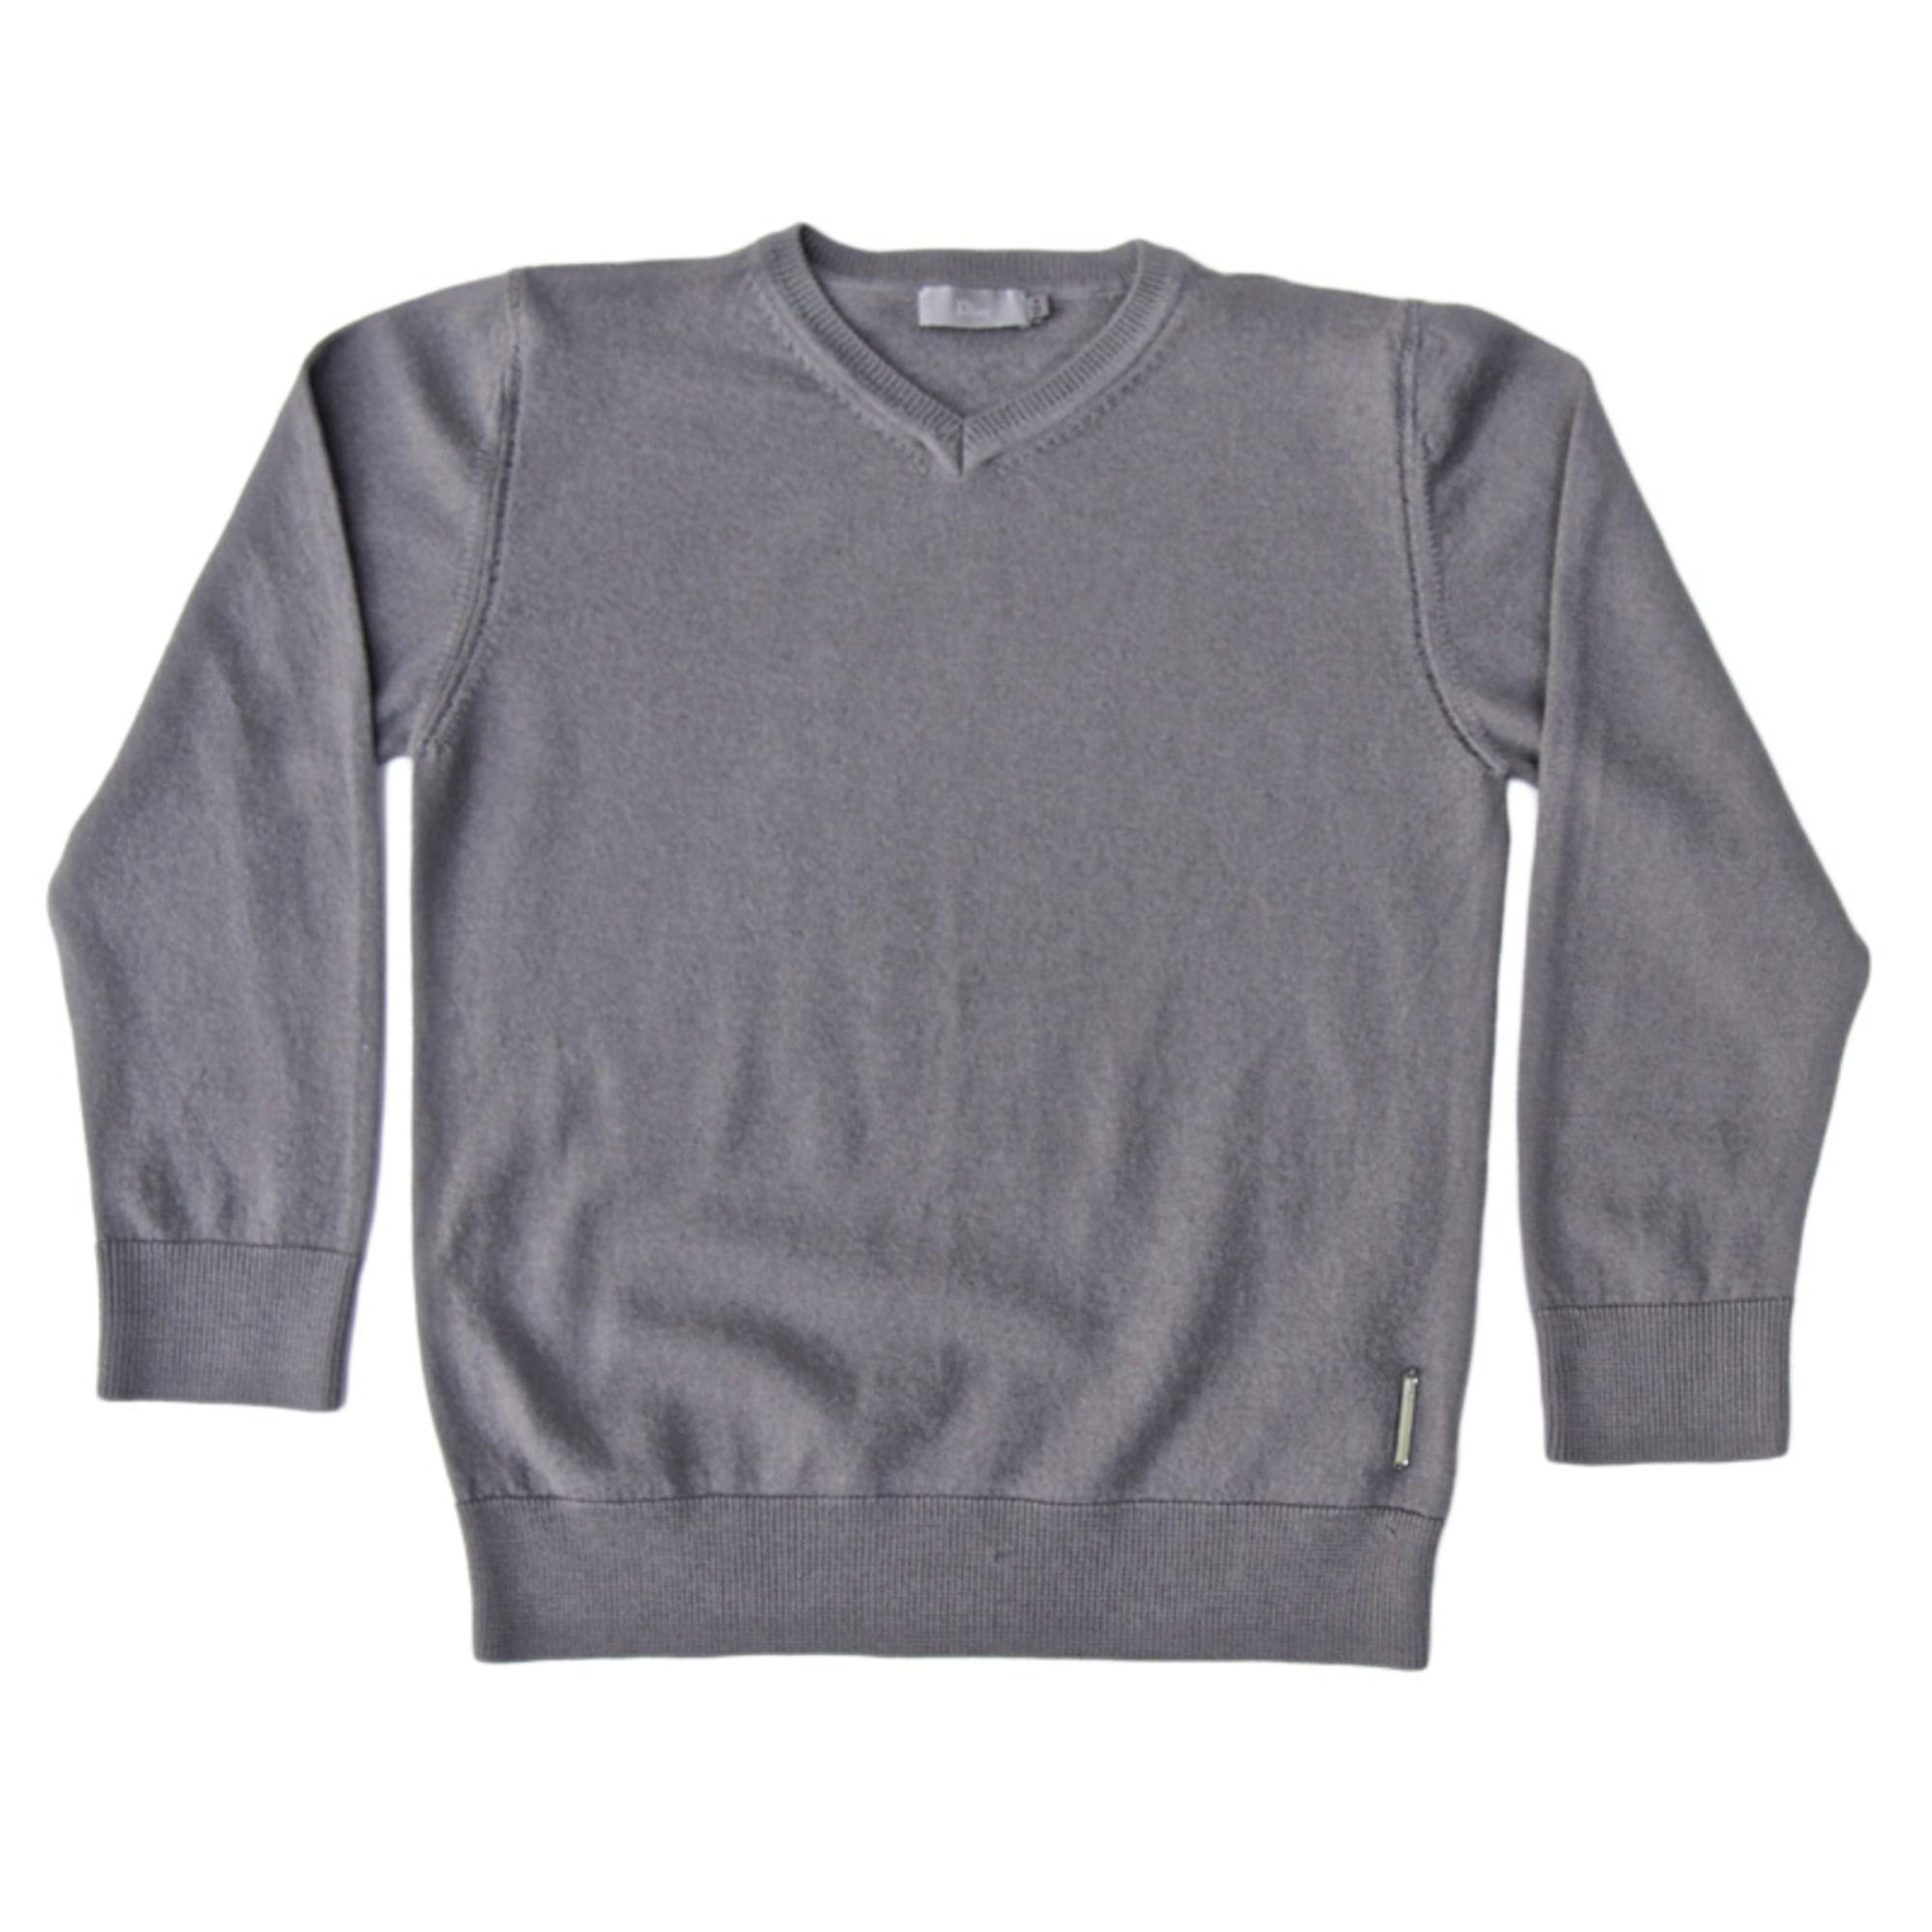 Pull DIOR 11-12 ans gris vendu par La boutique de drole 2 vies - 3108914 275afe01753